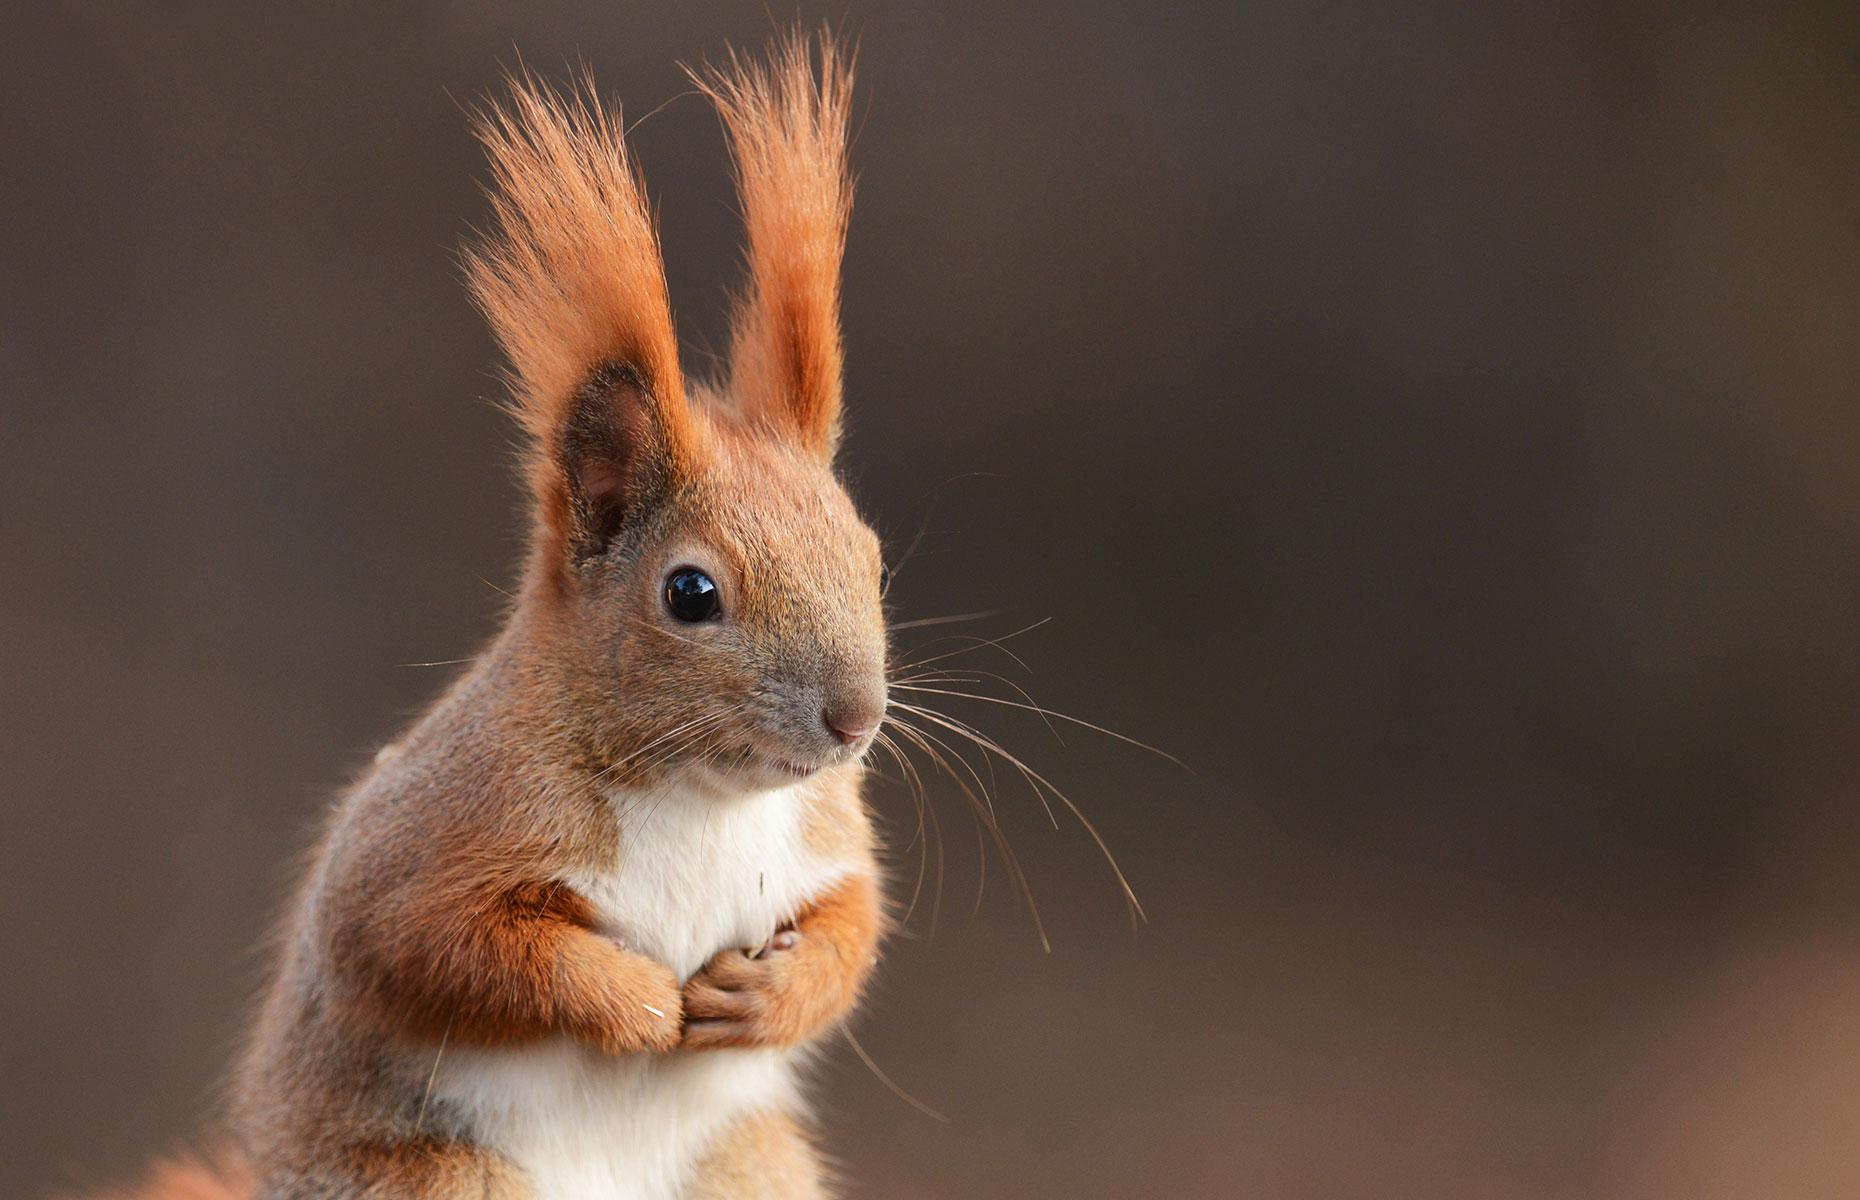 A red squirrel in Scotland (Image: Piotr Krzeslak/Shutterstock)